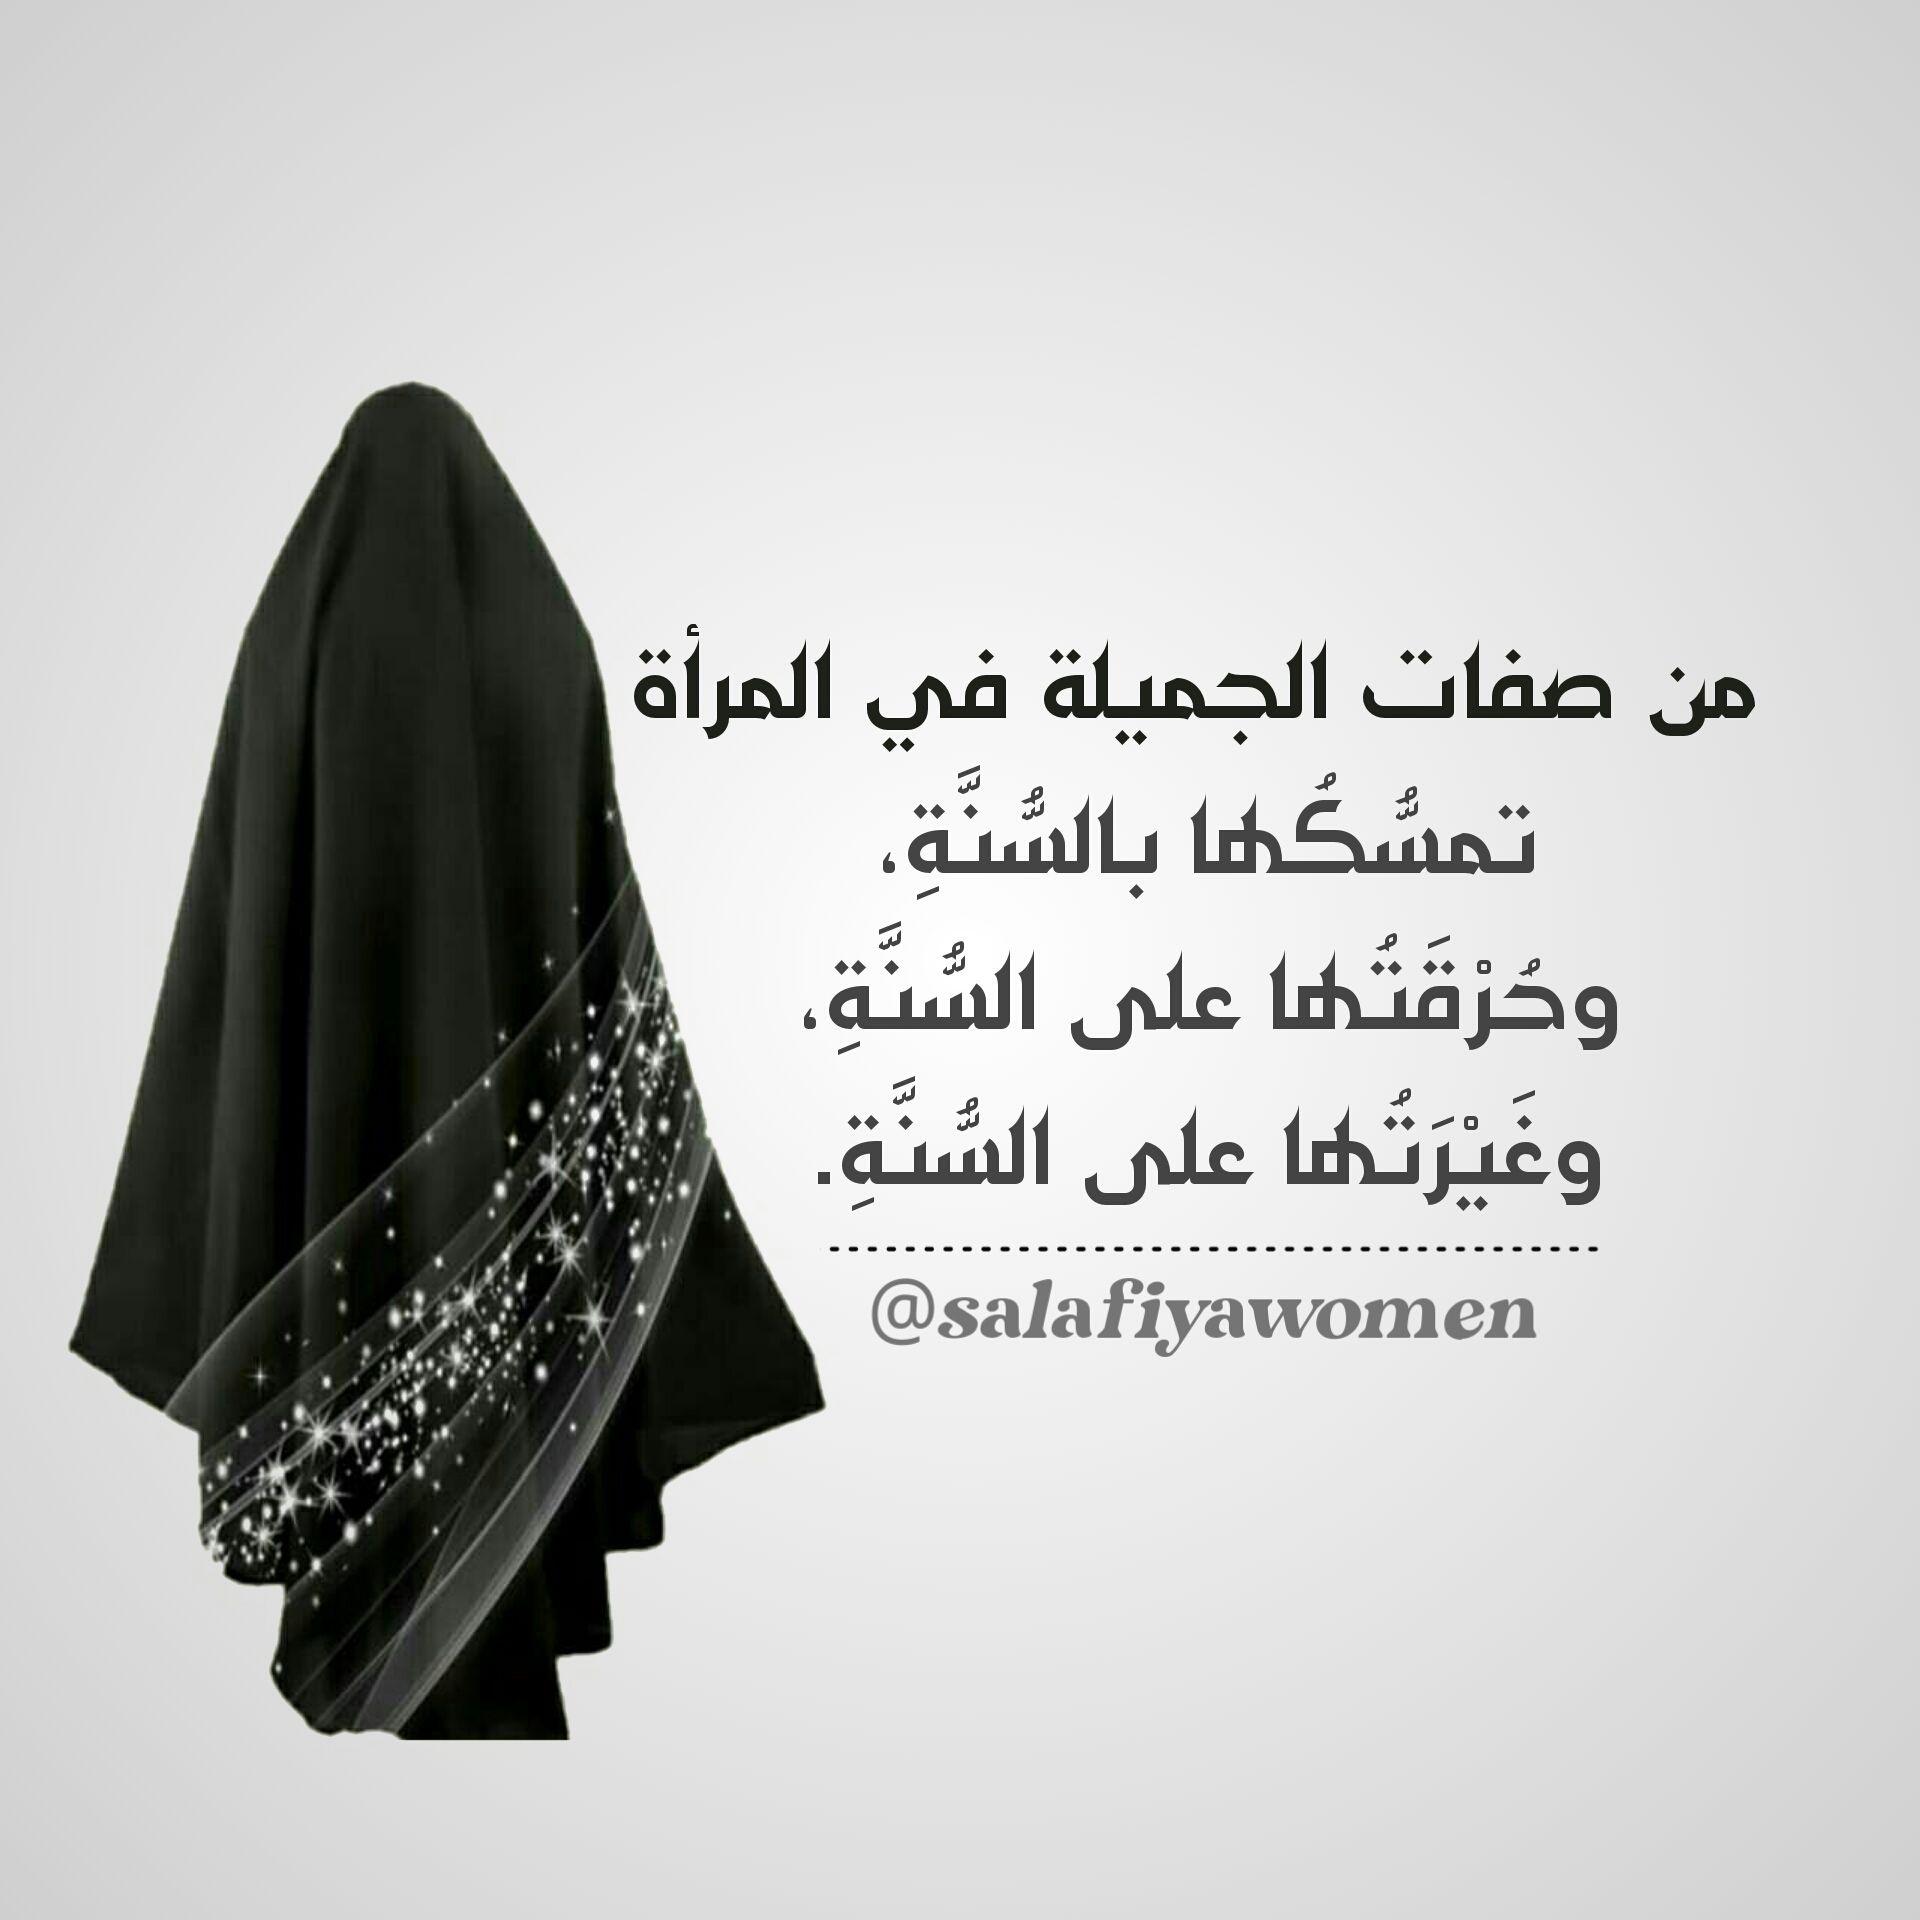 من صفات الجميلة في المرأة تمس ك ها بالس ن ة وح ر ق ت ها على الس ن ة وغ ي ر ت ها على الس ن ة Hsi Rls